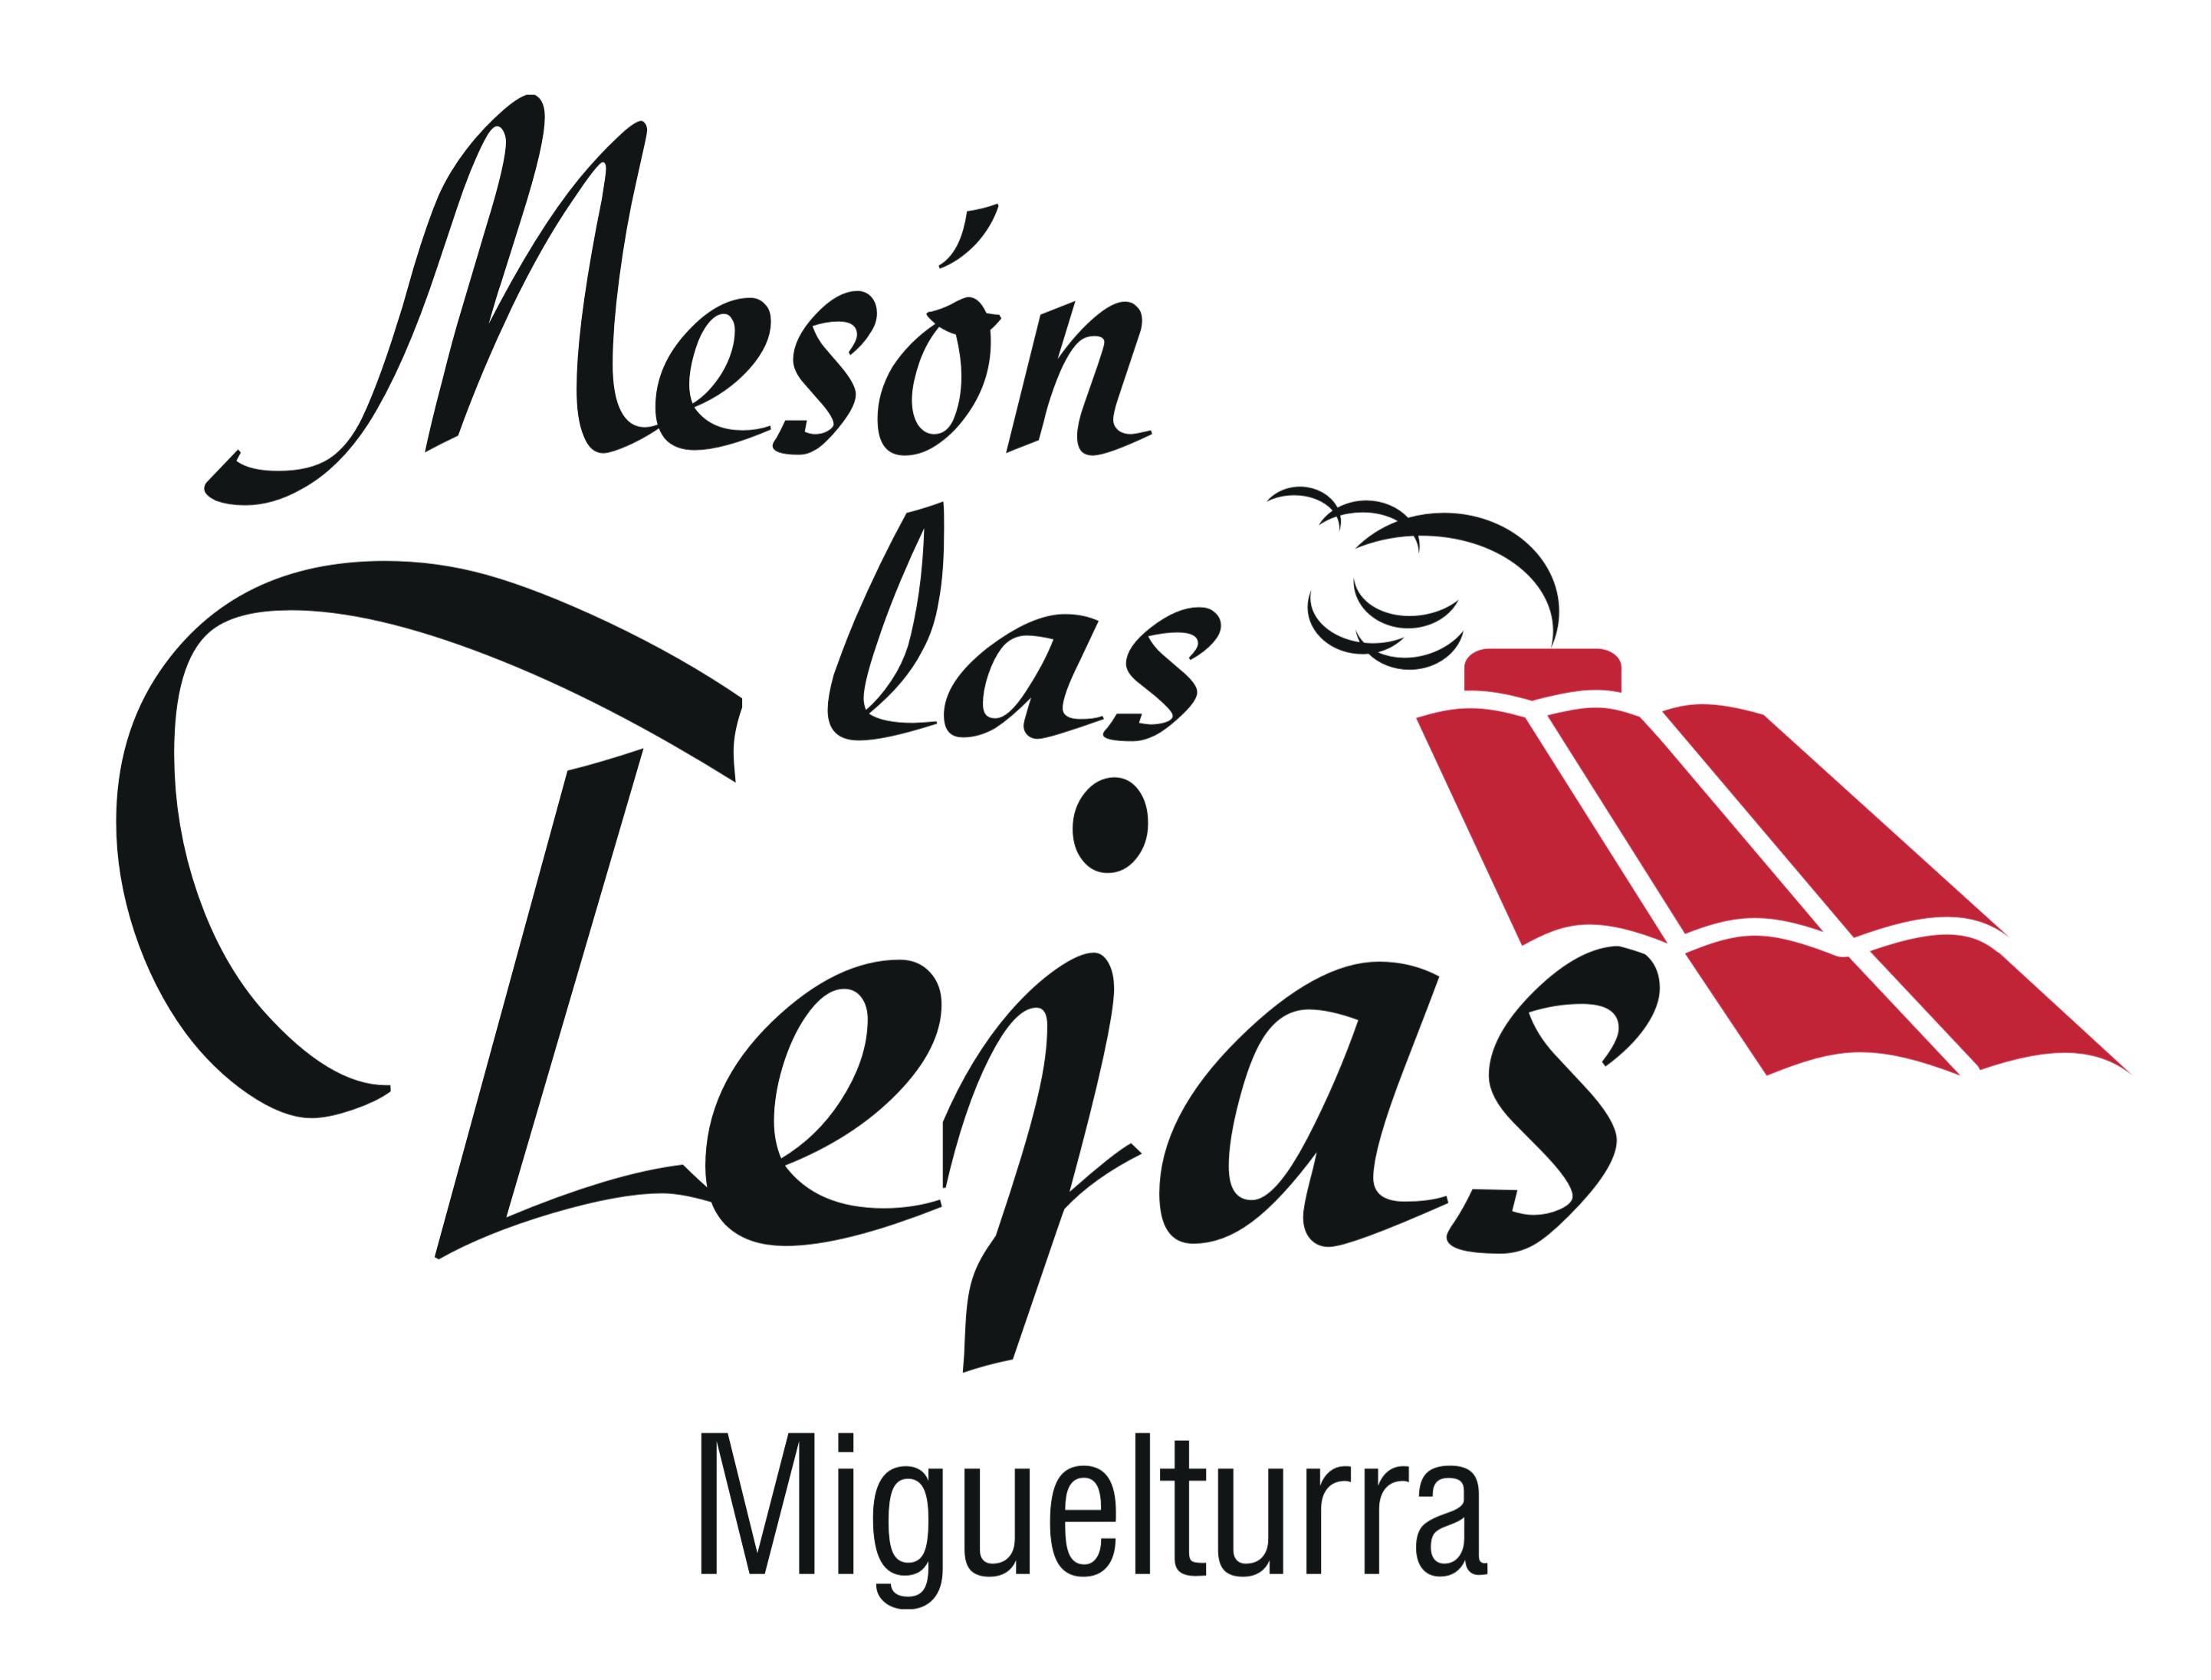 Las Tejas